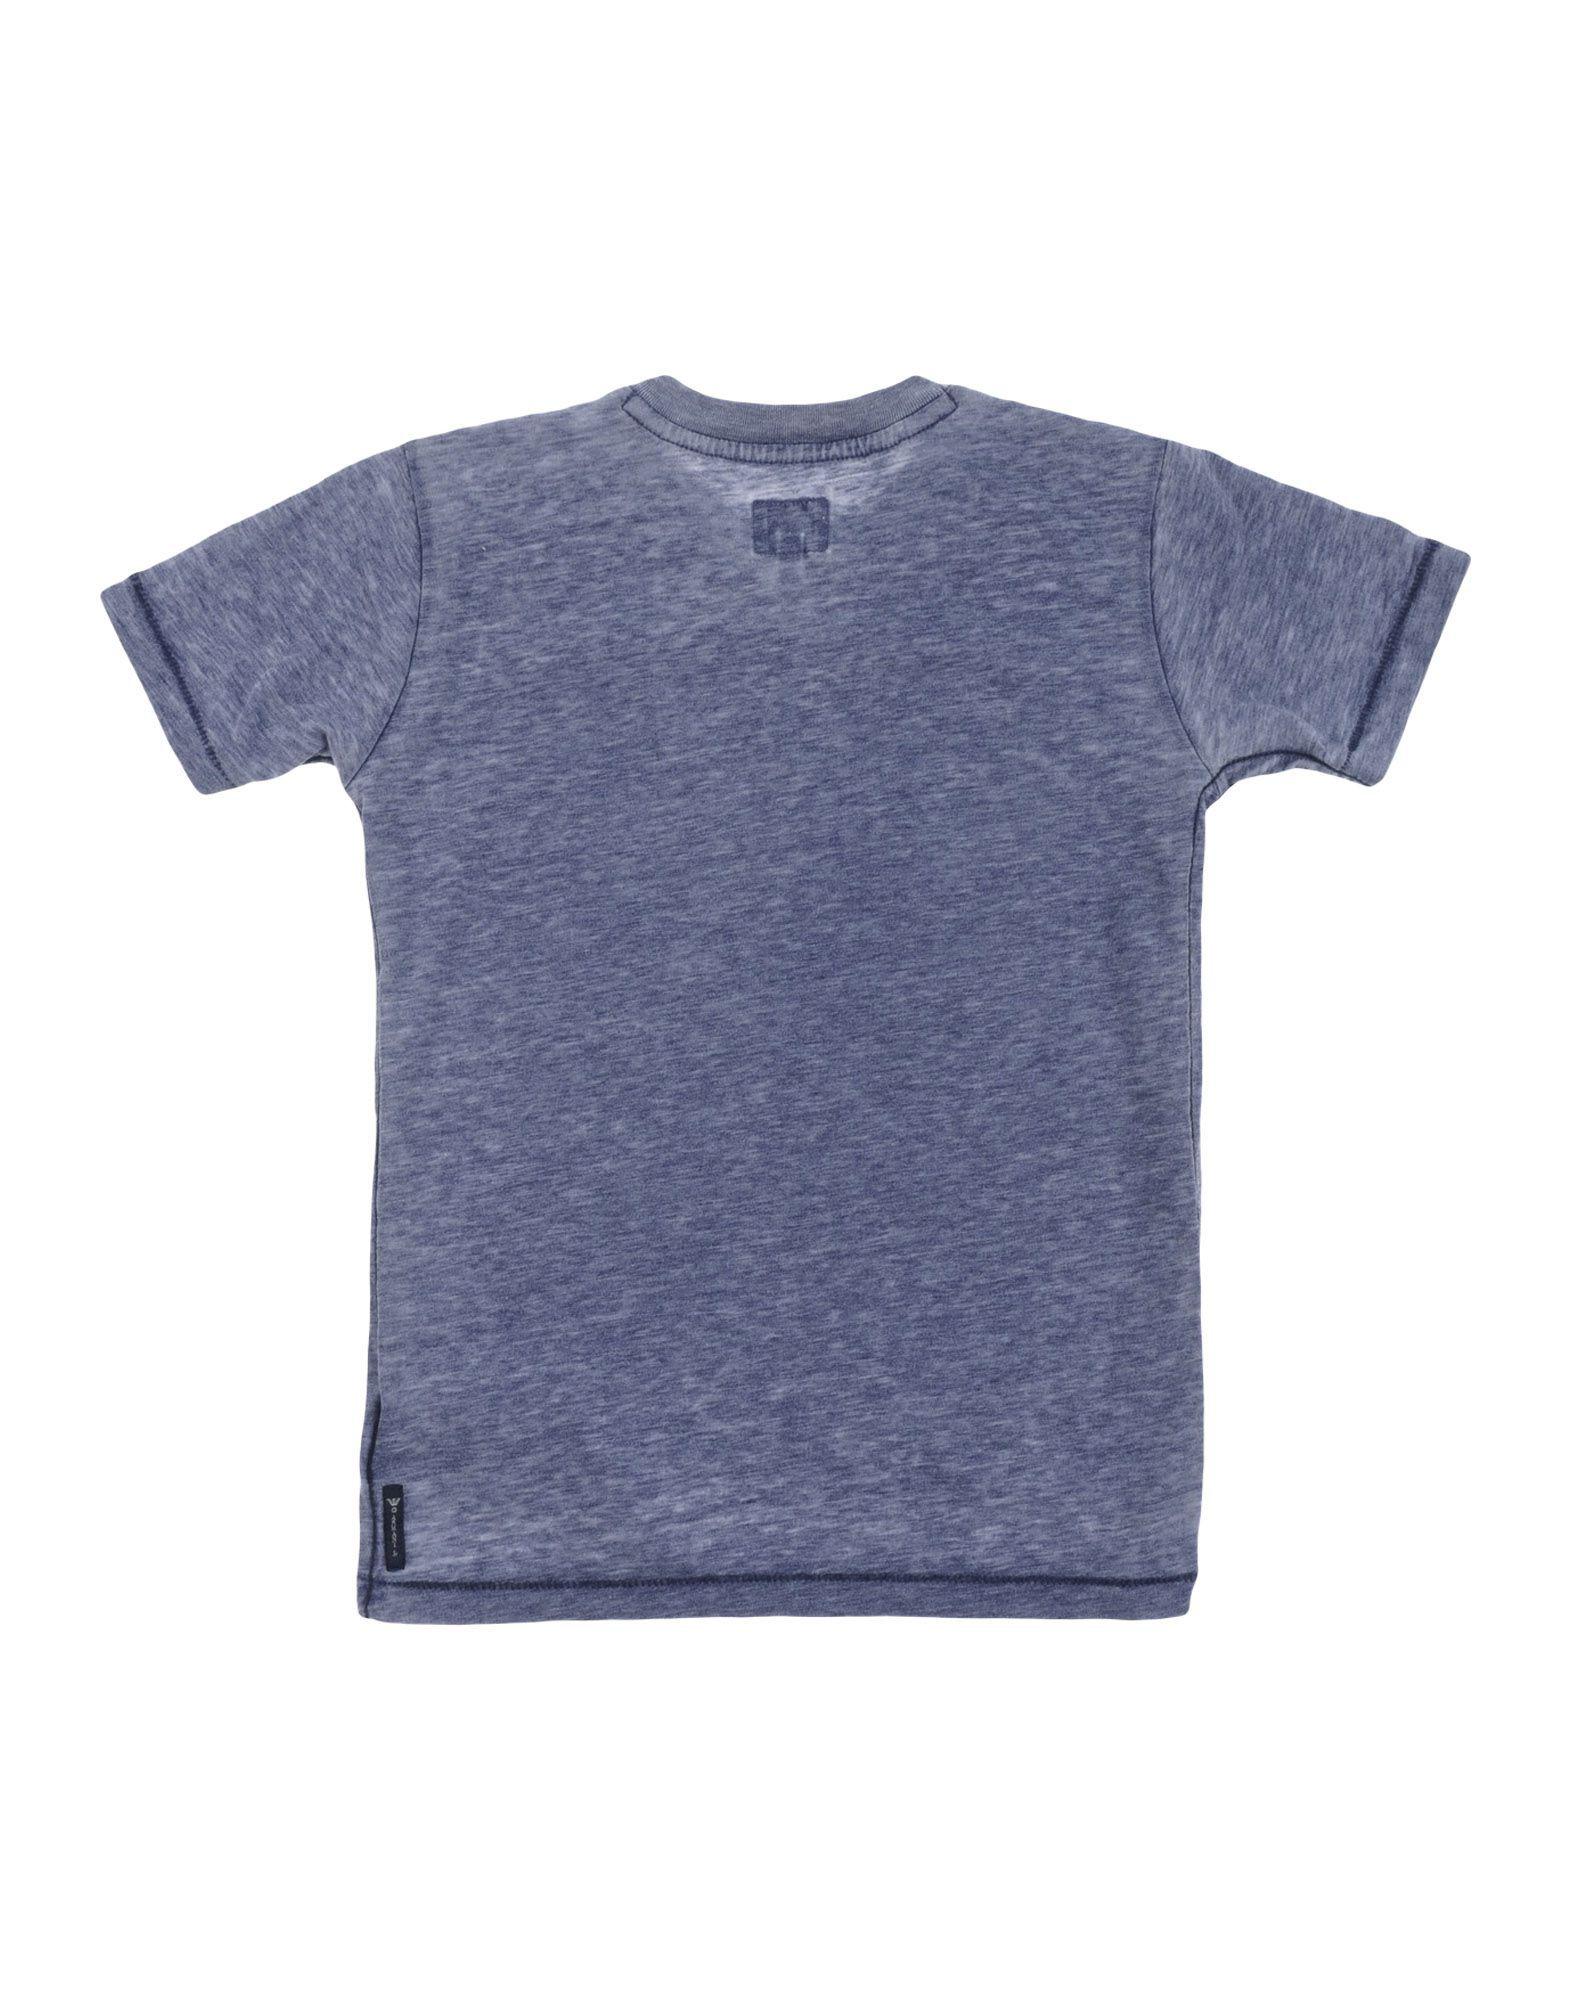 TOPWEAR Armani Junior Grey Boy Polyester